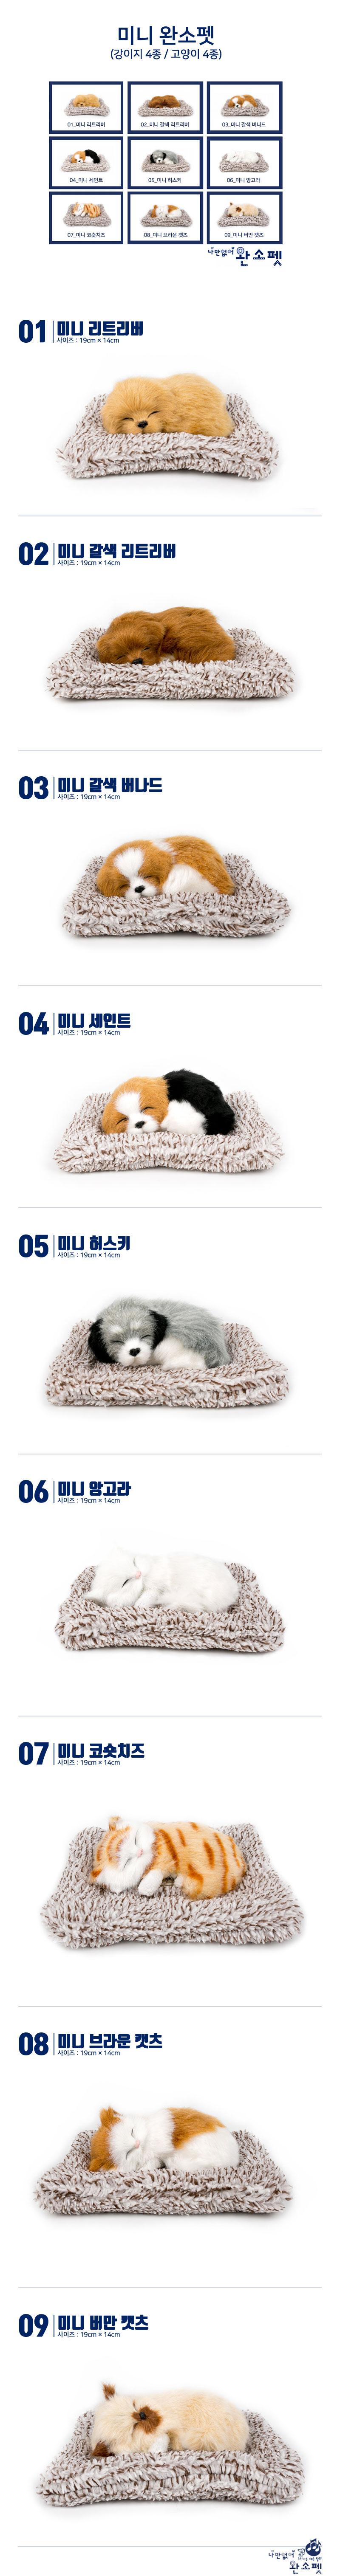 미니 리얼펫 소리나는 제습인형 강아지 고양이 모형 탈취제 - 선물용박스 - 아이펀즈, 15,000원, 아이디어 상품, 아이디어 상품